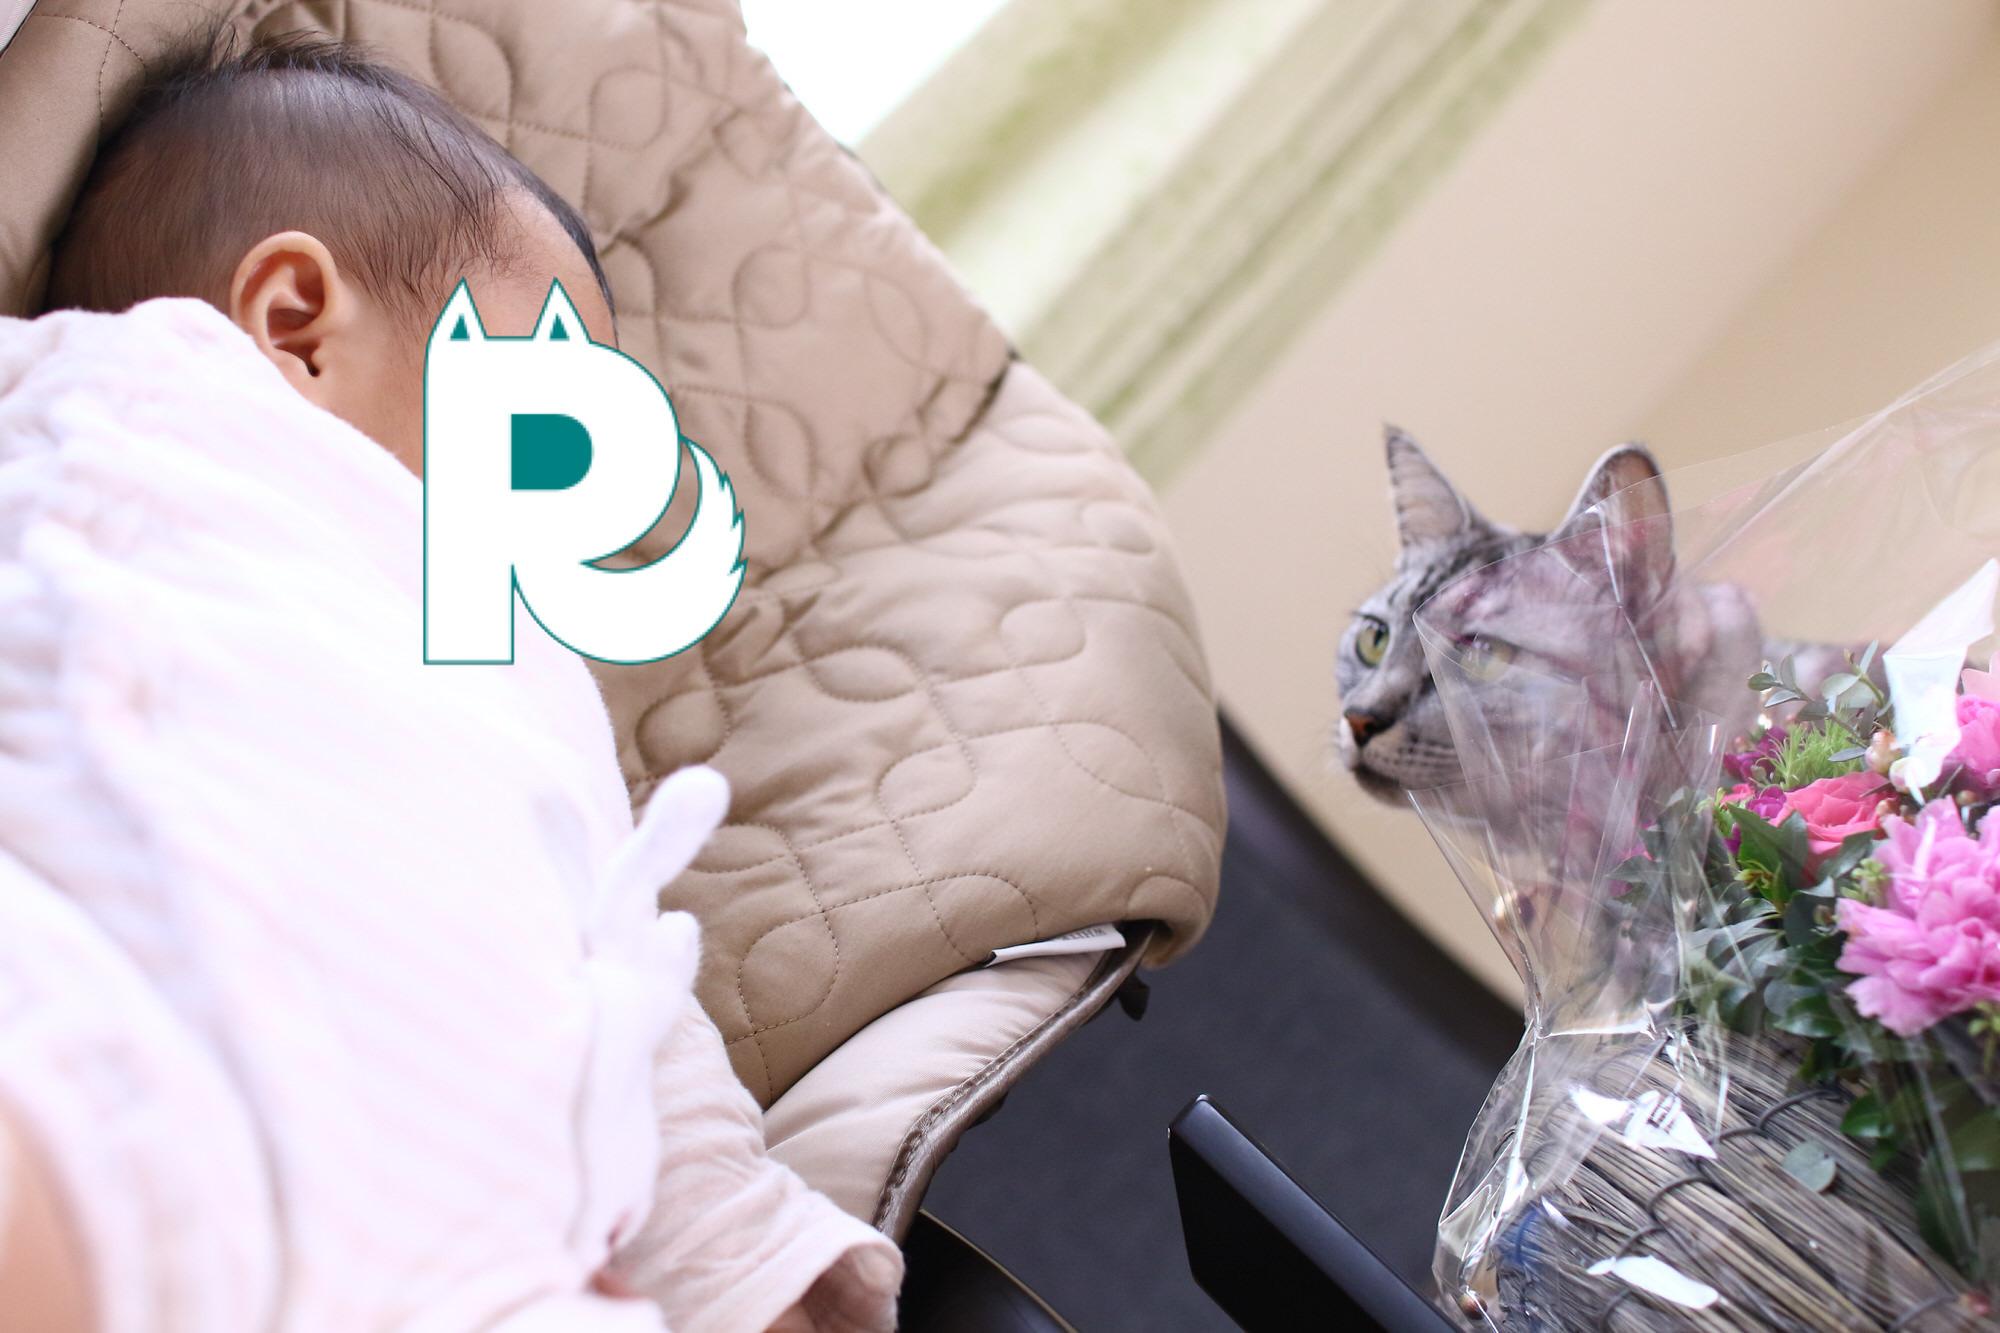 ゴロゴロ 新生児 喉